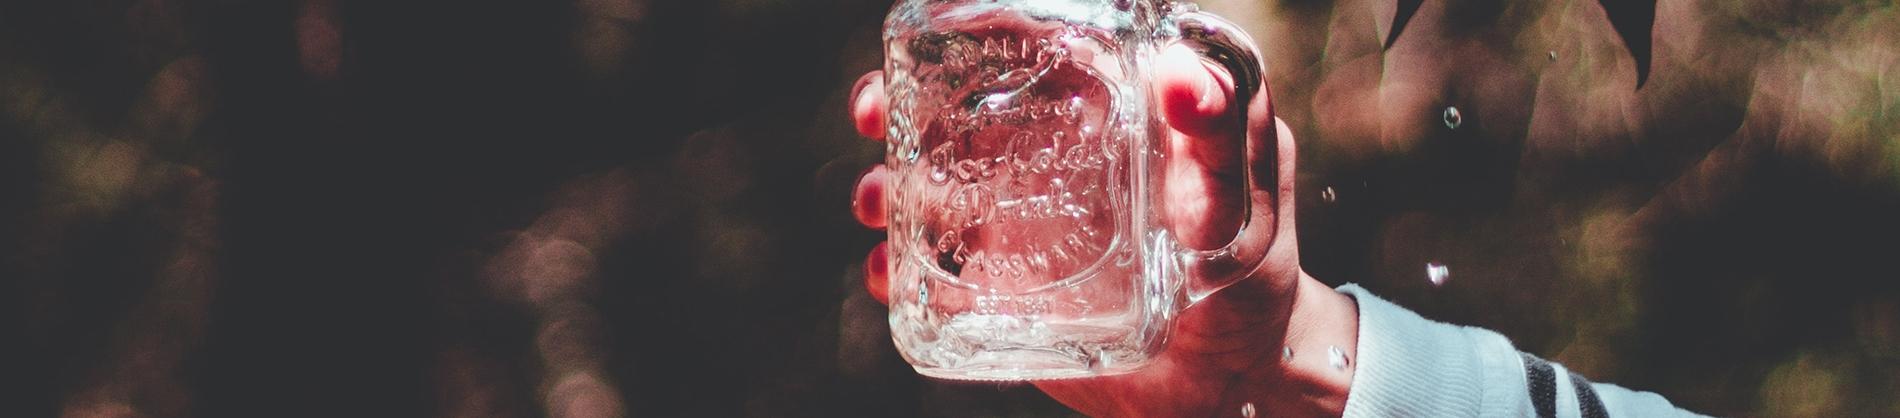 Someone holding up a glass mason jar